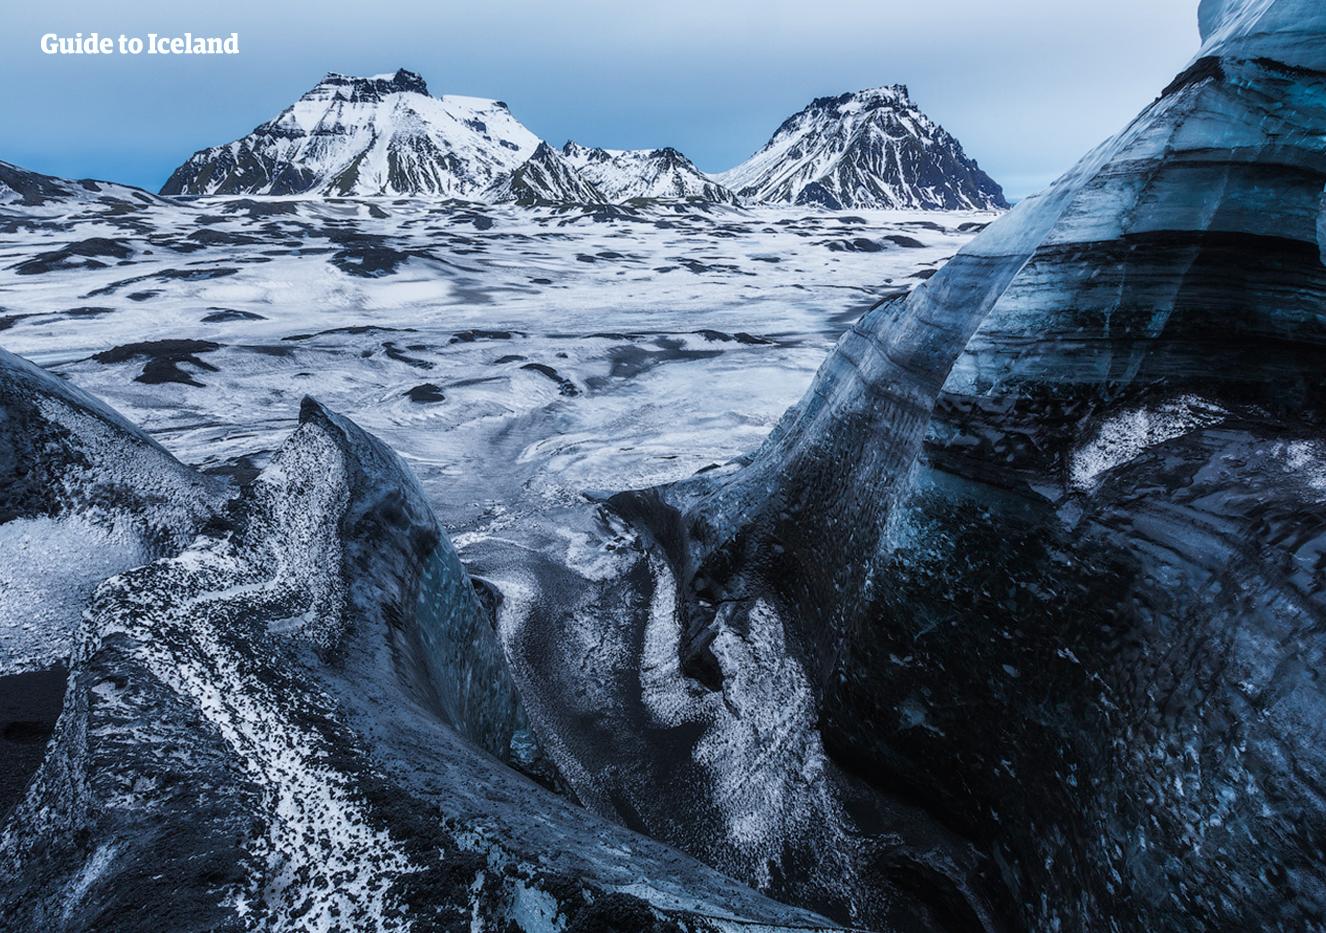 探访冰岛南岸米尔达斯冰川下的神奇冰洞。